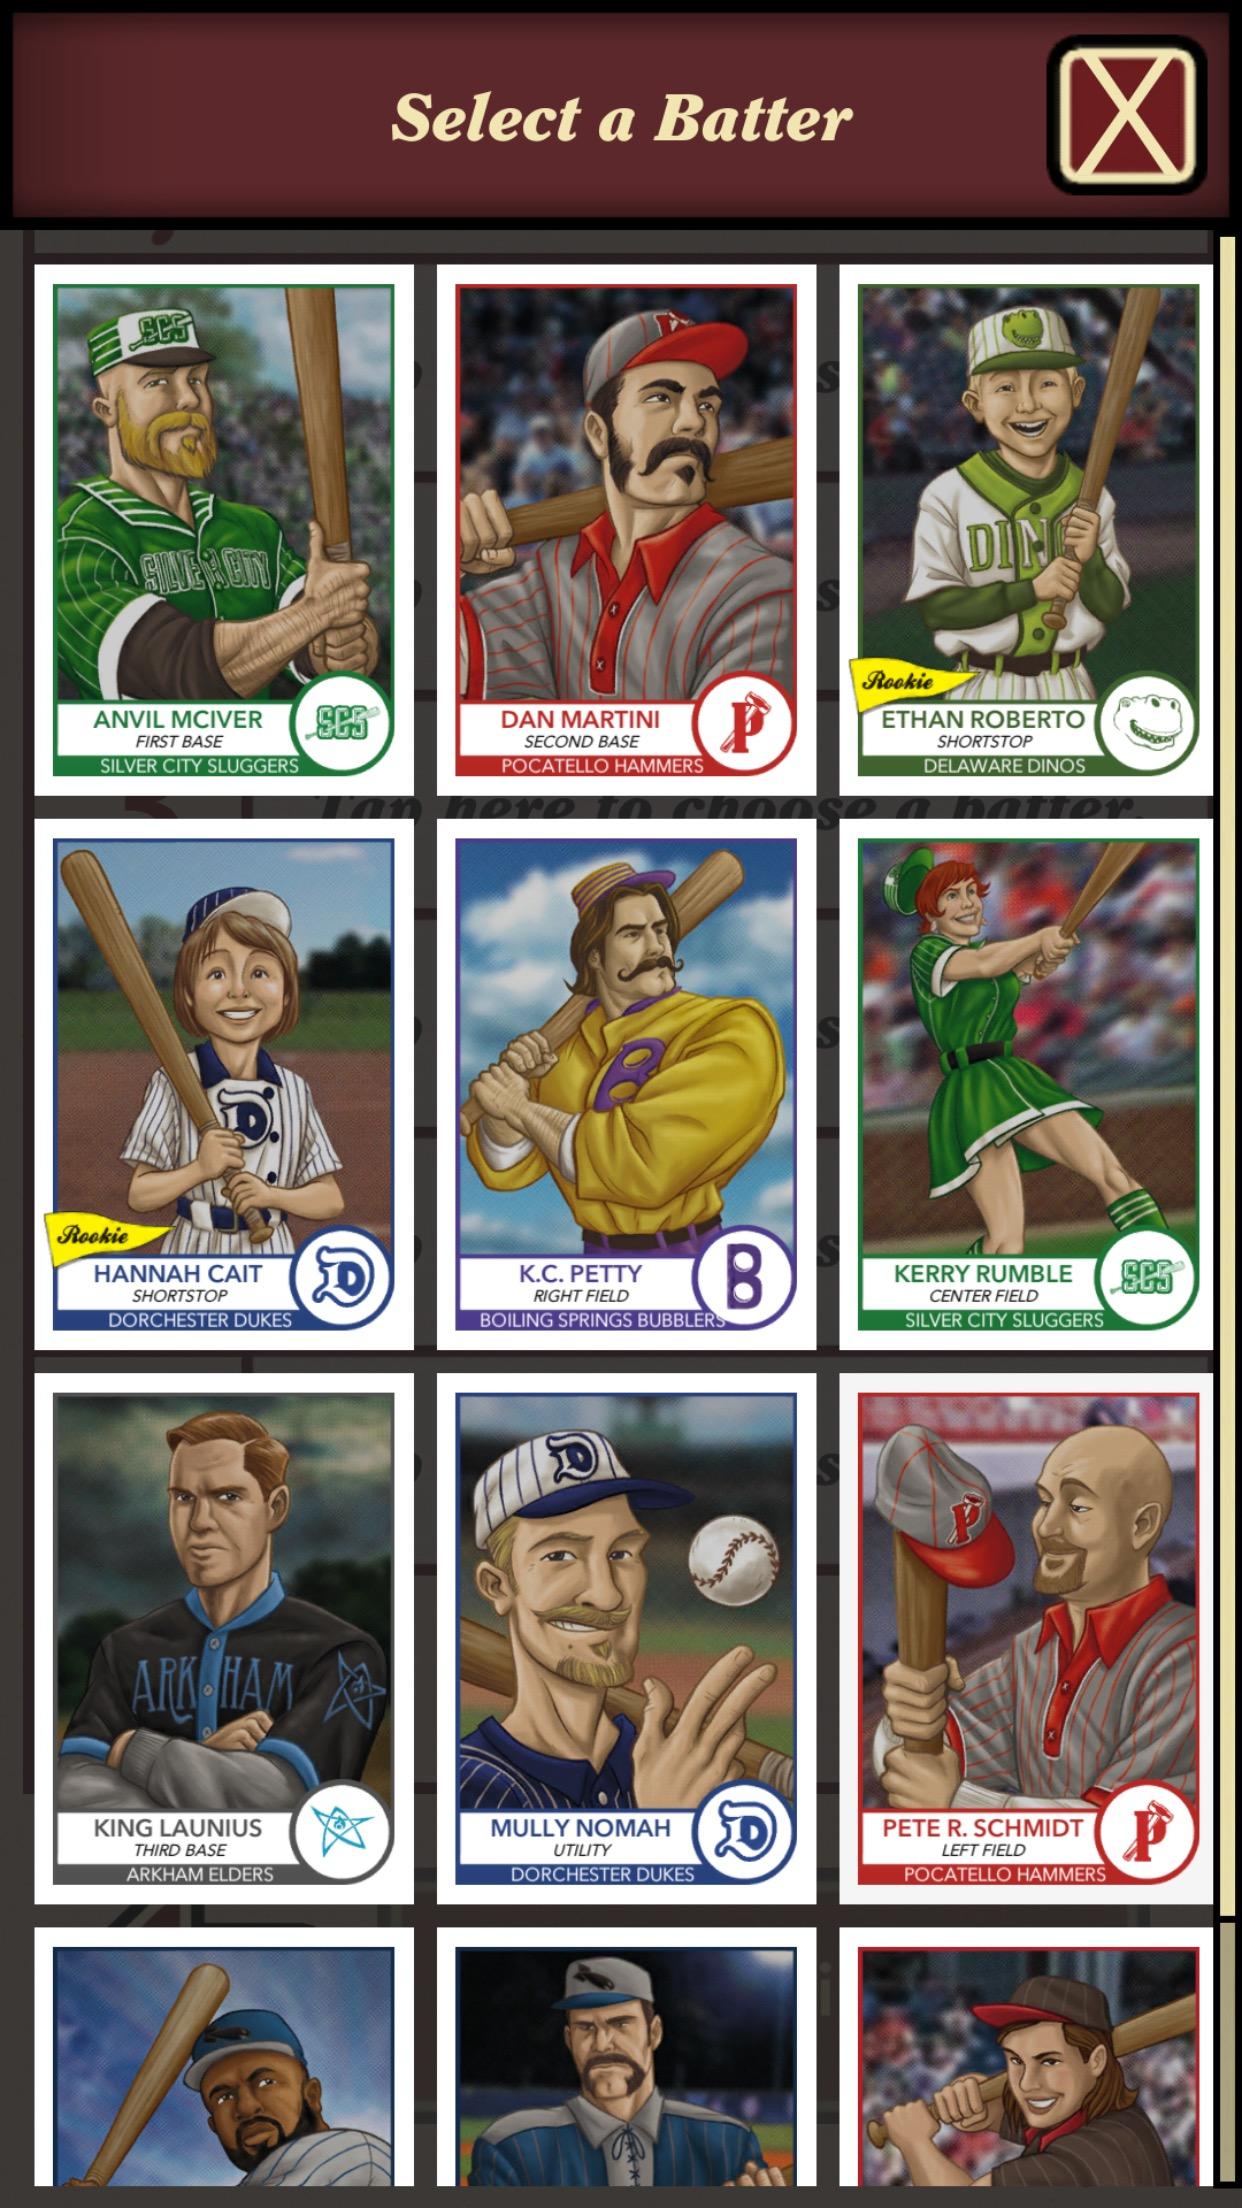 batter selection.jpg